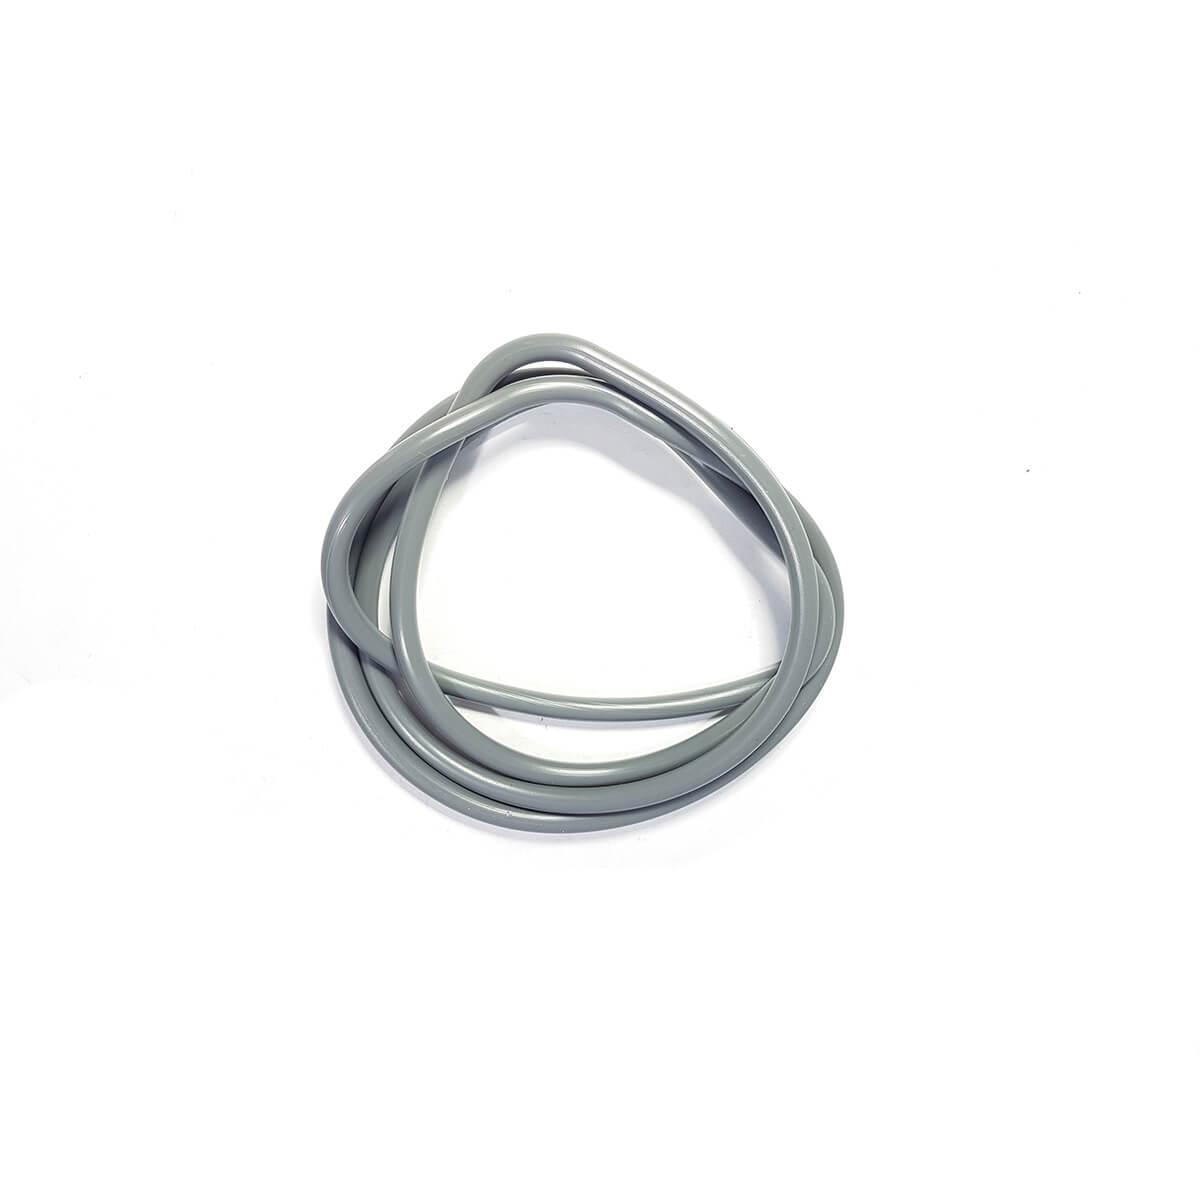 Gaxeta Para Visor Da Porta Da Lava-Louças Electrolux LE08B LE08S - 673005801032